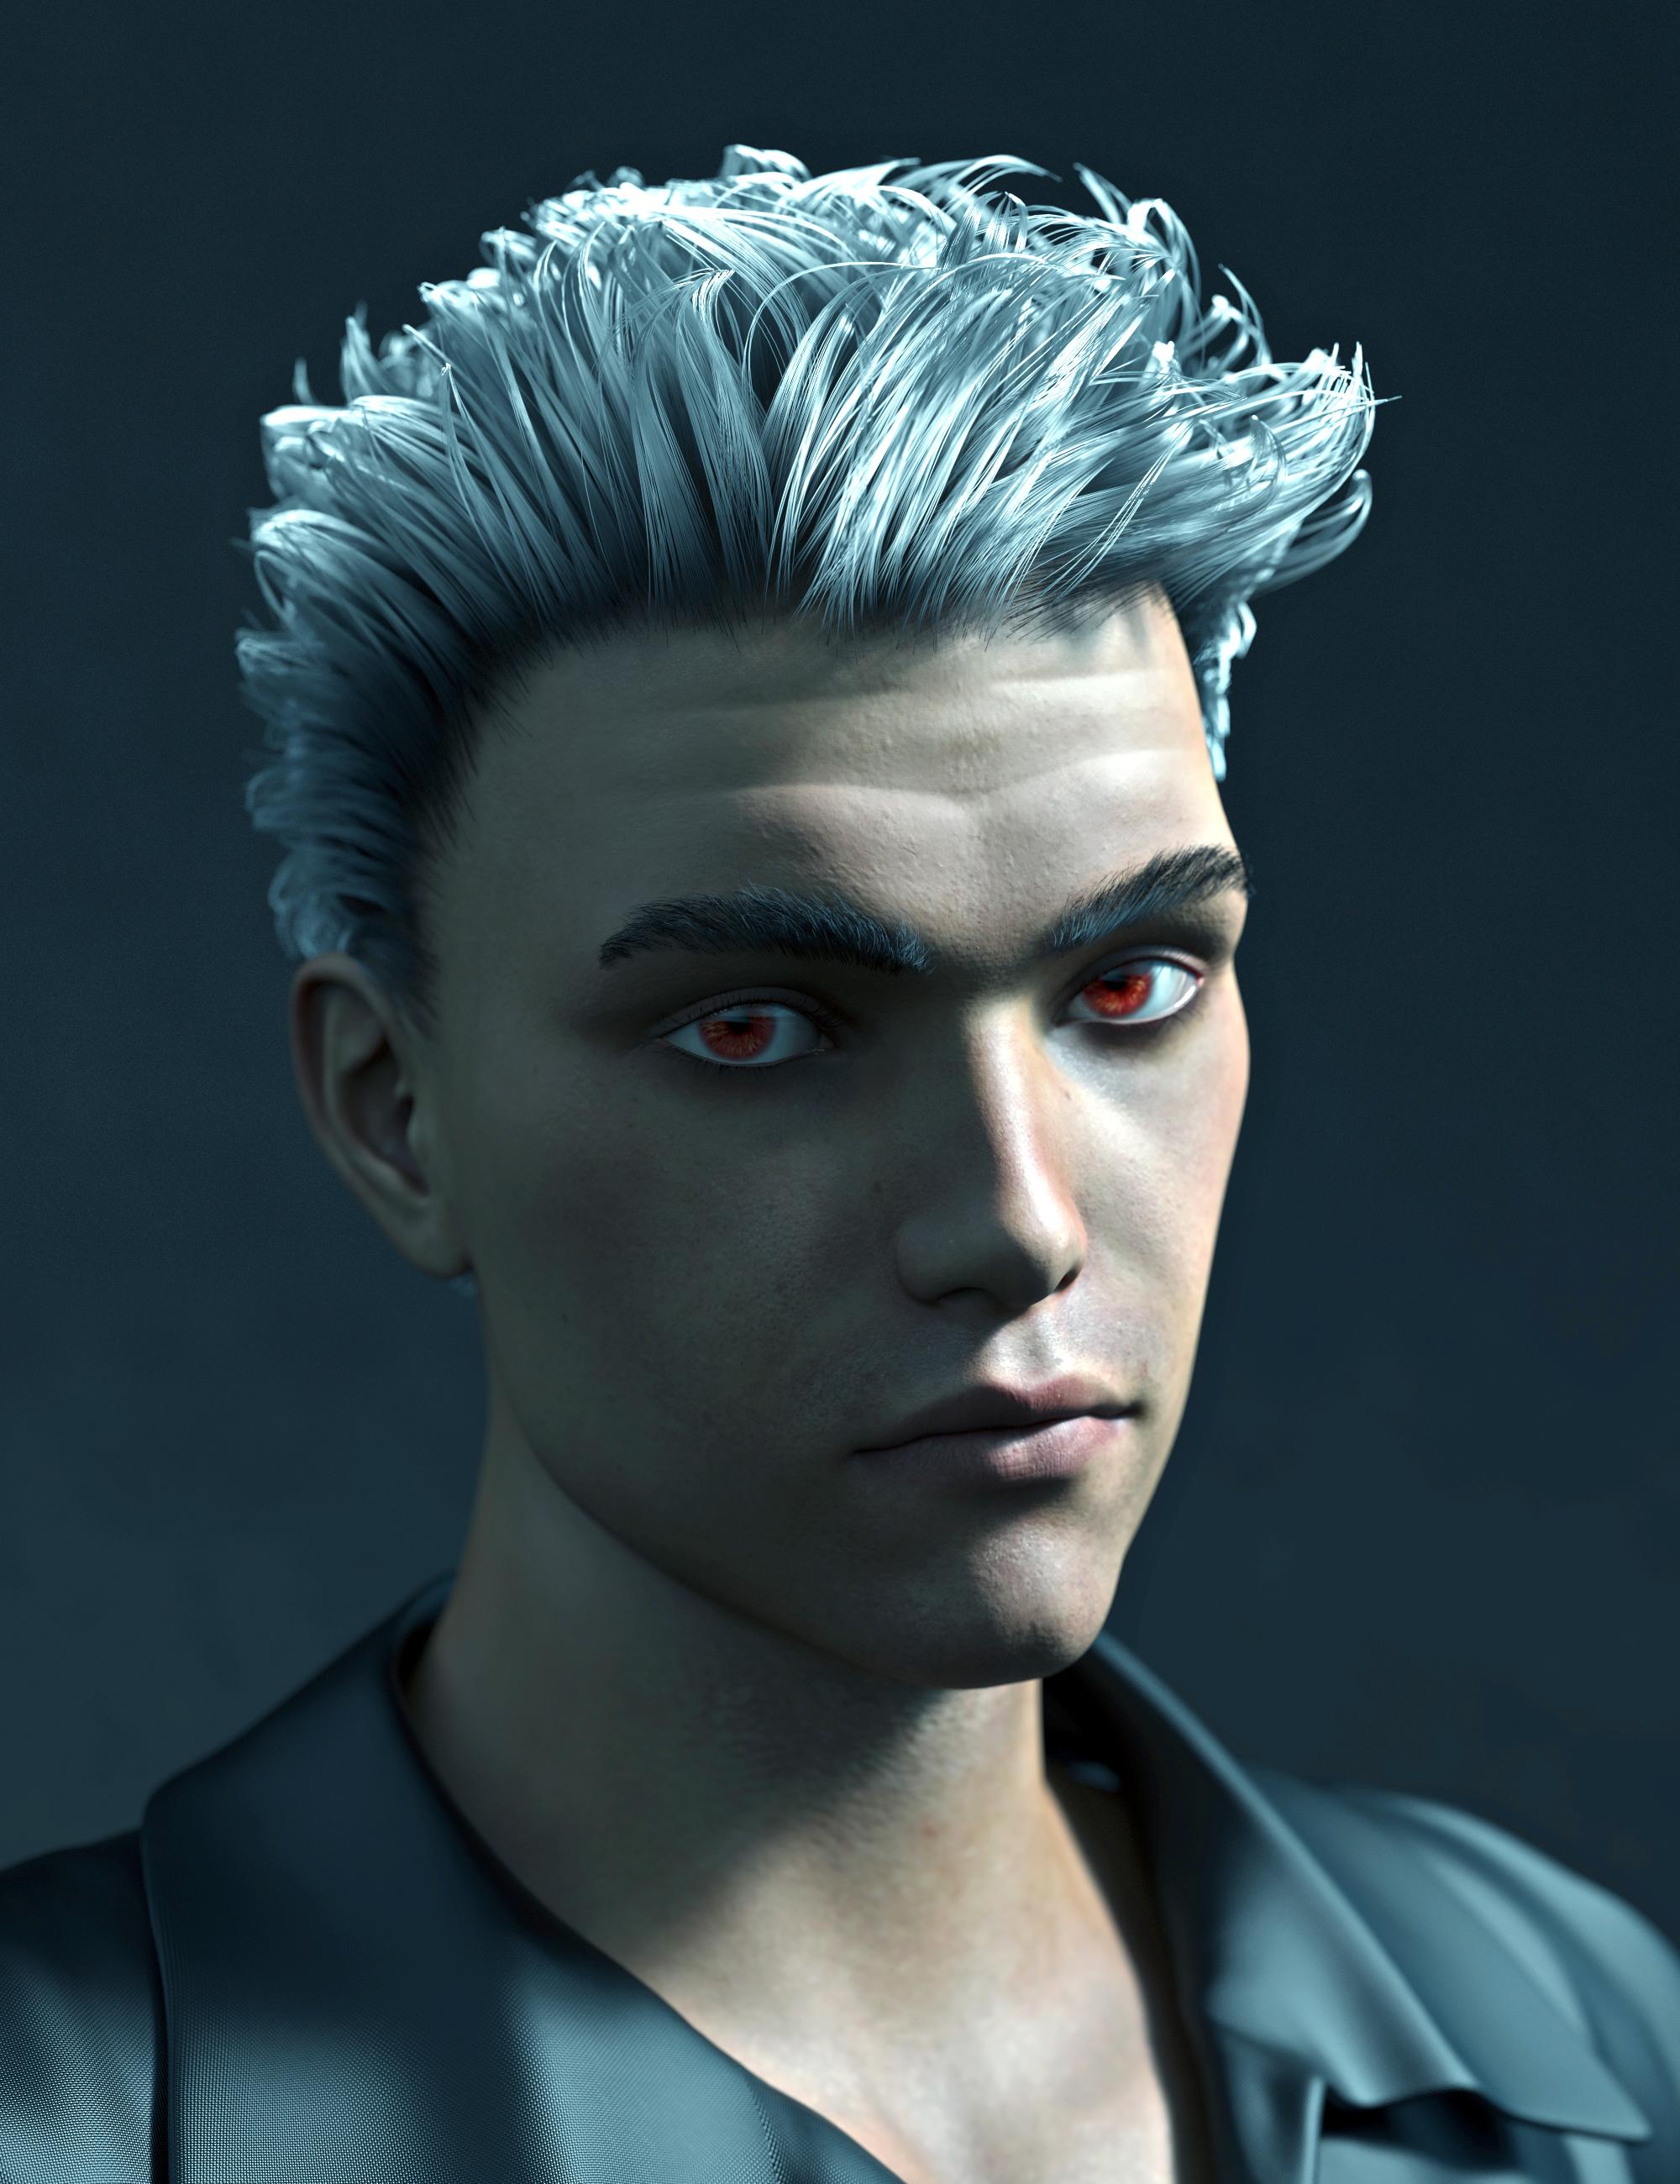 Wizen for Genesis 8 Male by: Vex, 3D Models by Daz 3D